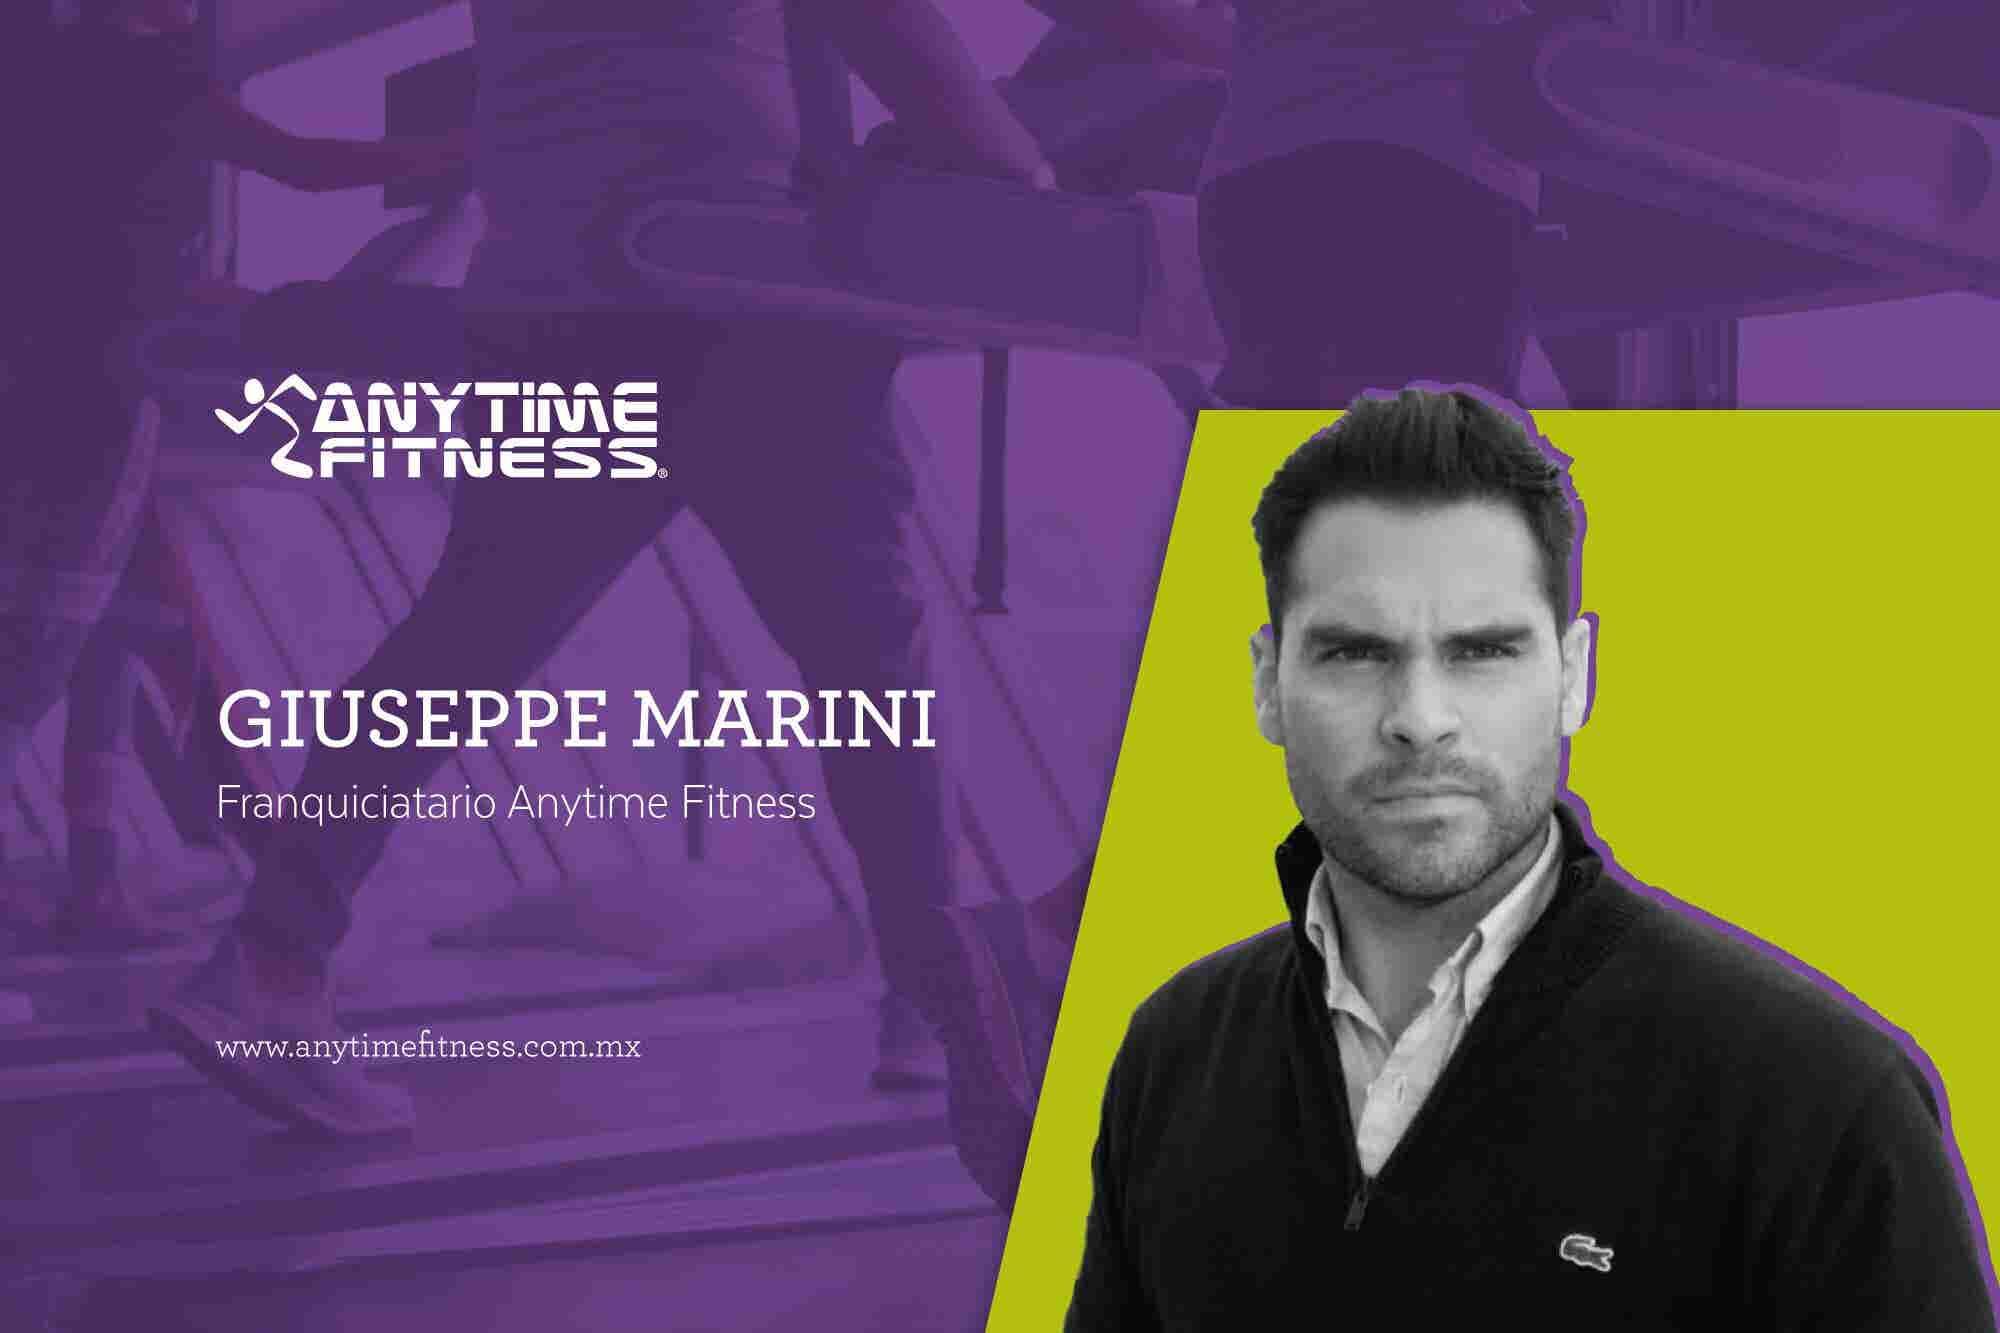 Anytime Fitness, la franquicia que está cambiando vidas